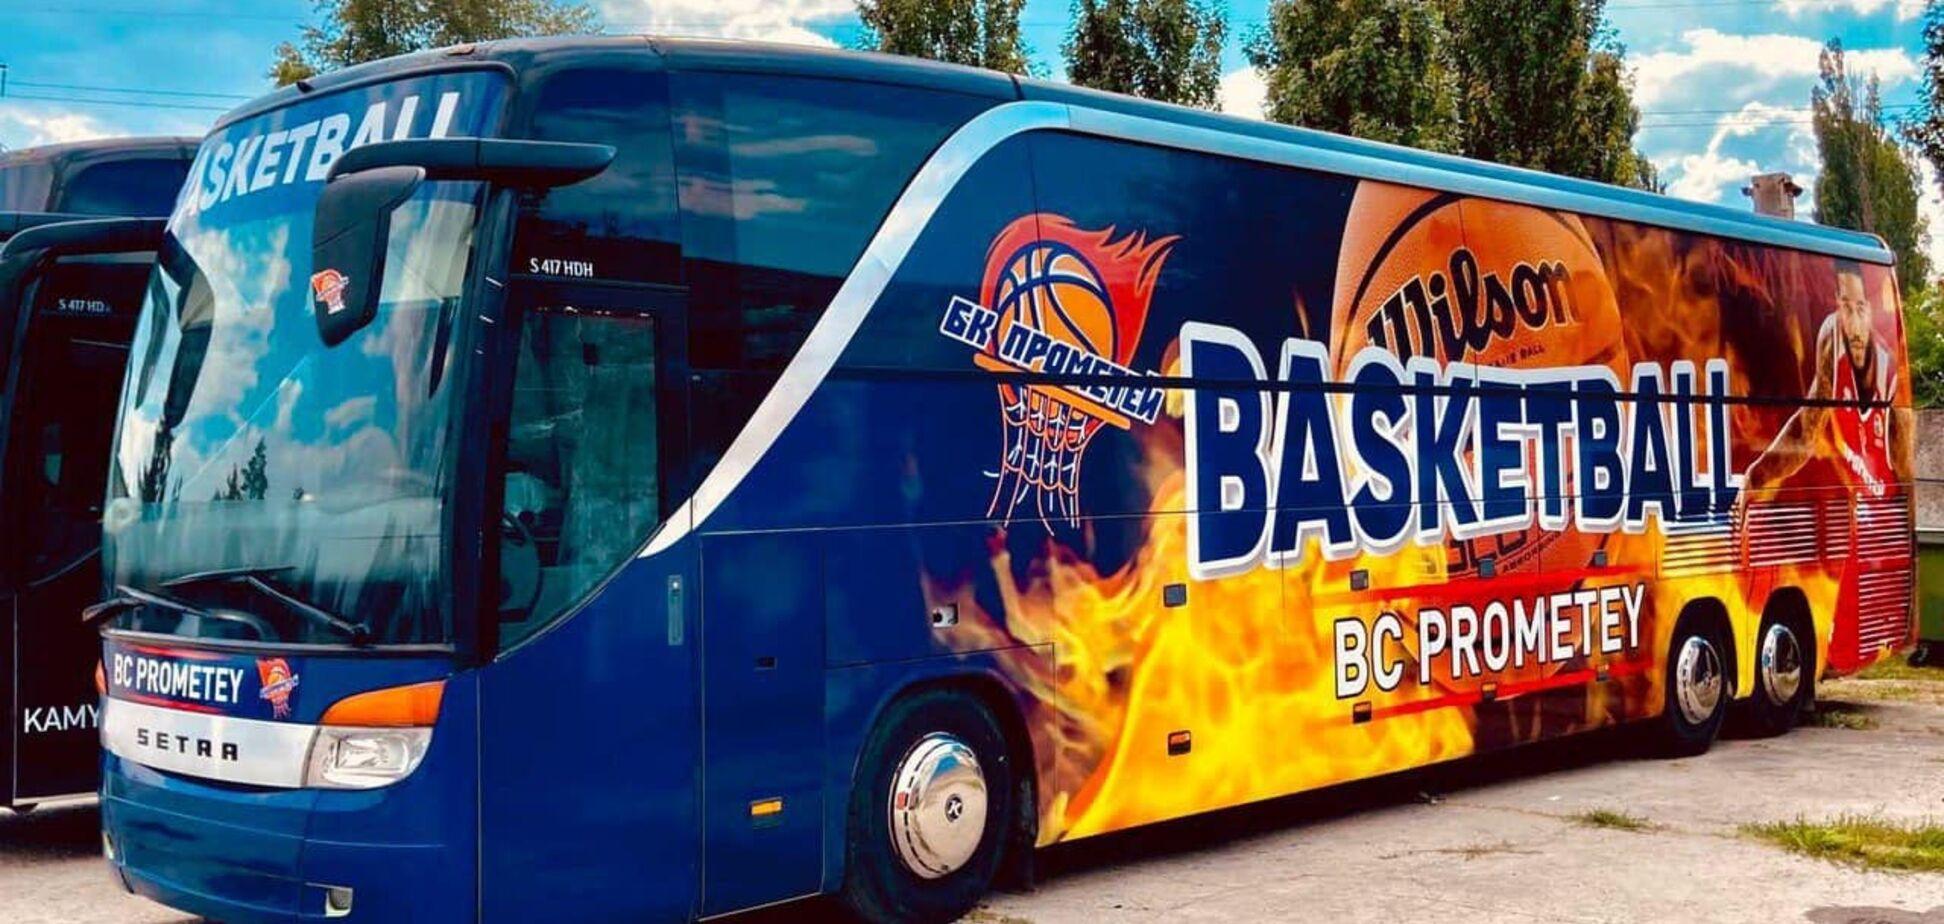 БК 'Прометей' получил в подарок новый клубный автобус. Фото